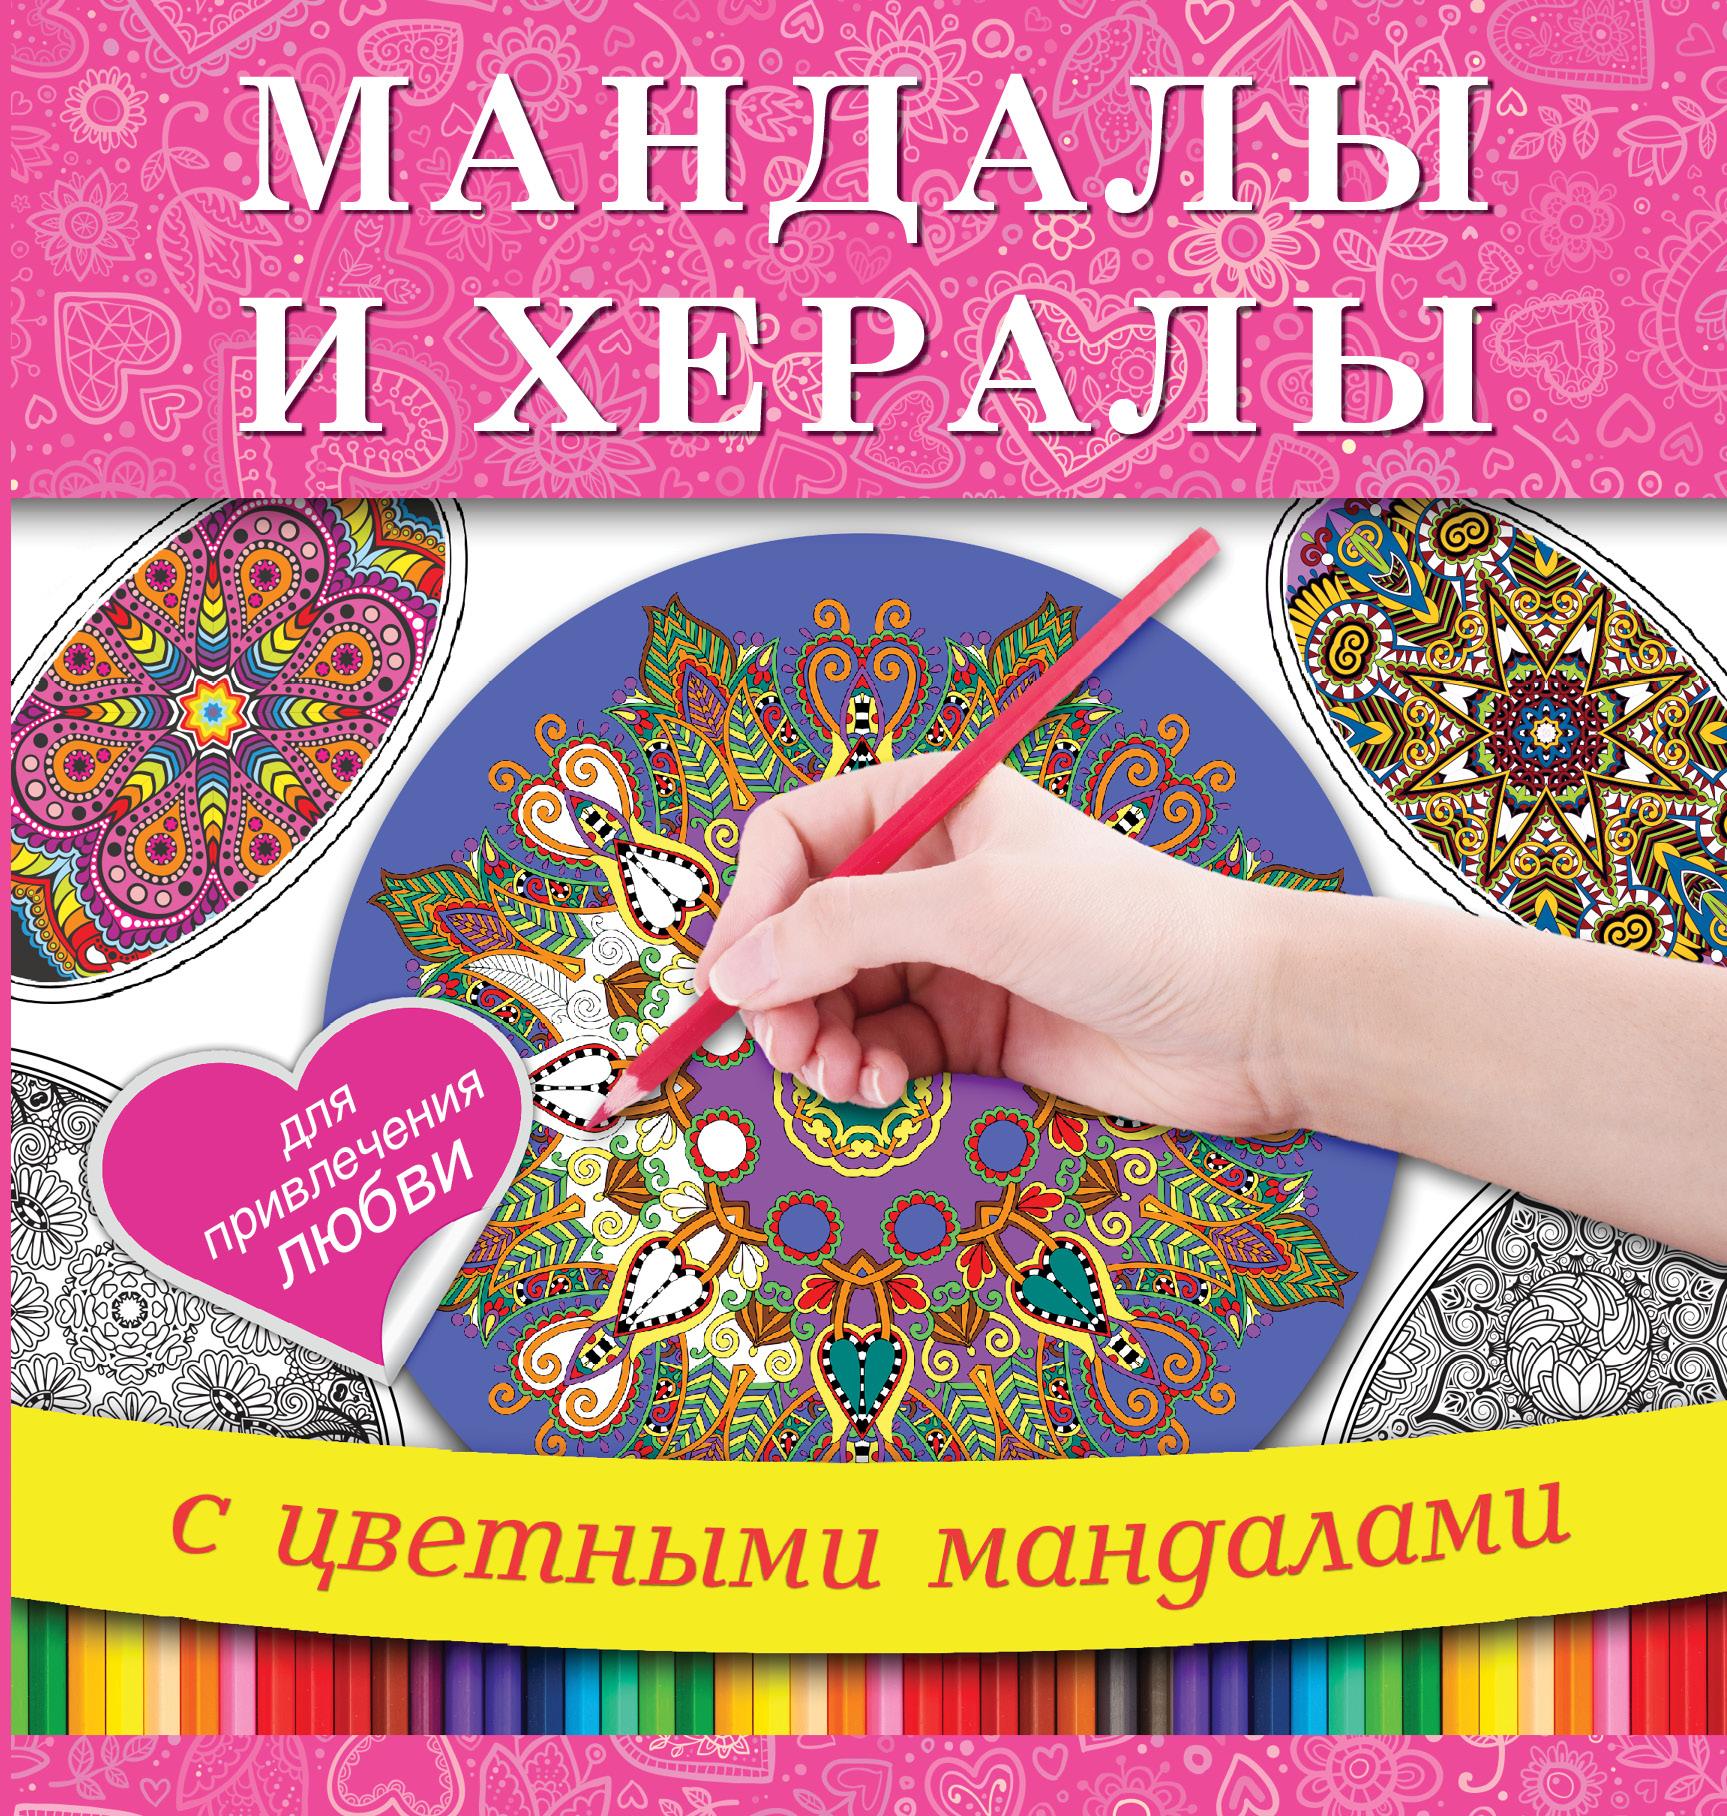 . Мандалы и хералы для привлечения любви все мандалы мира шаблоны для рисования и расшифровка тайных символов